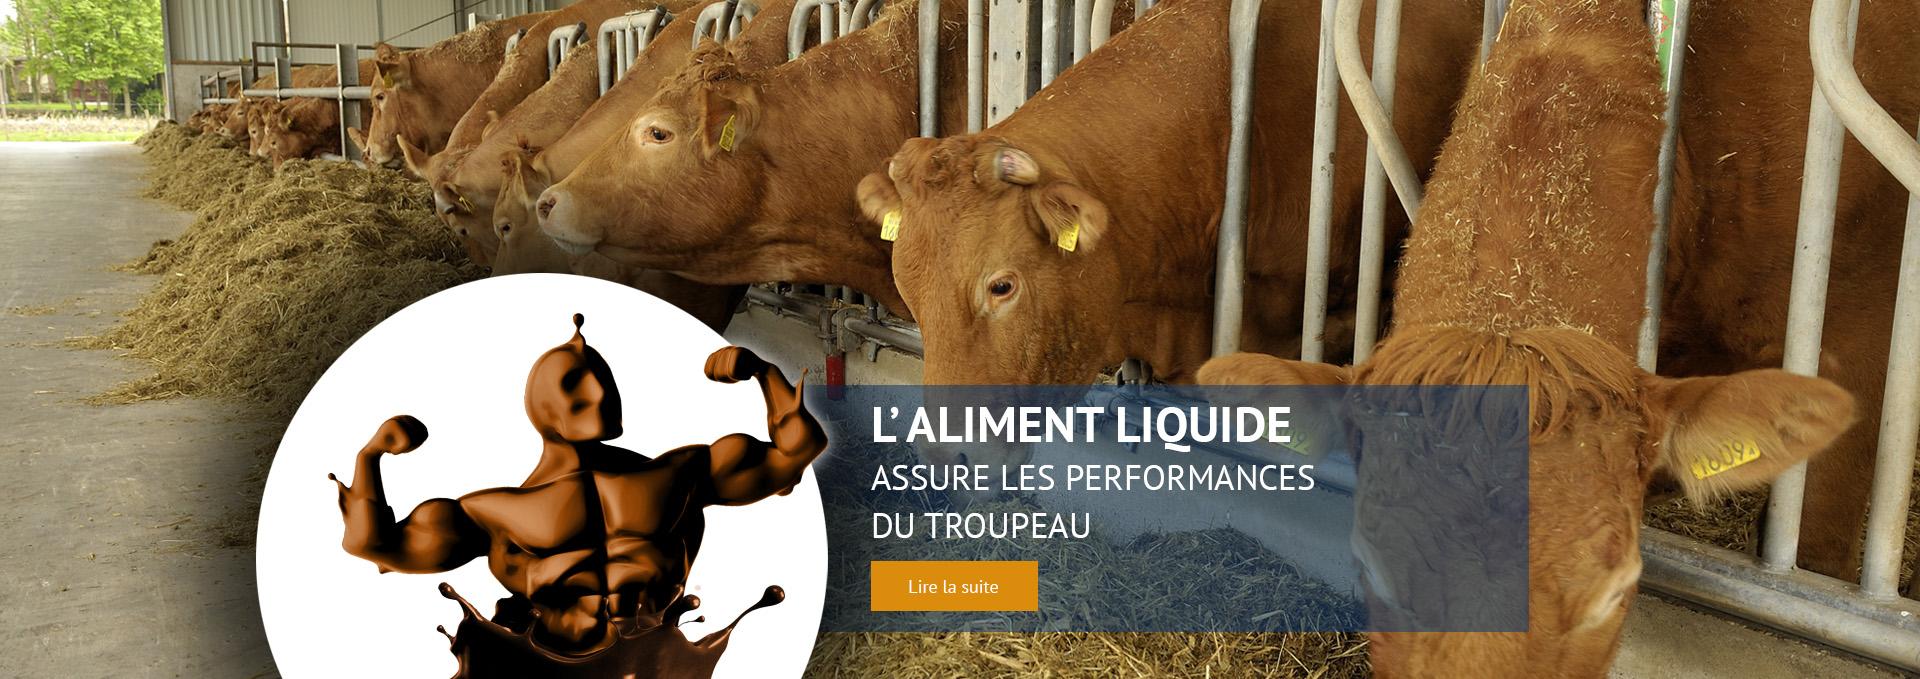 Troupeau de vaches Limousine aux cornadis en train de manger du foin